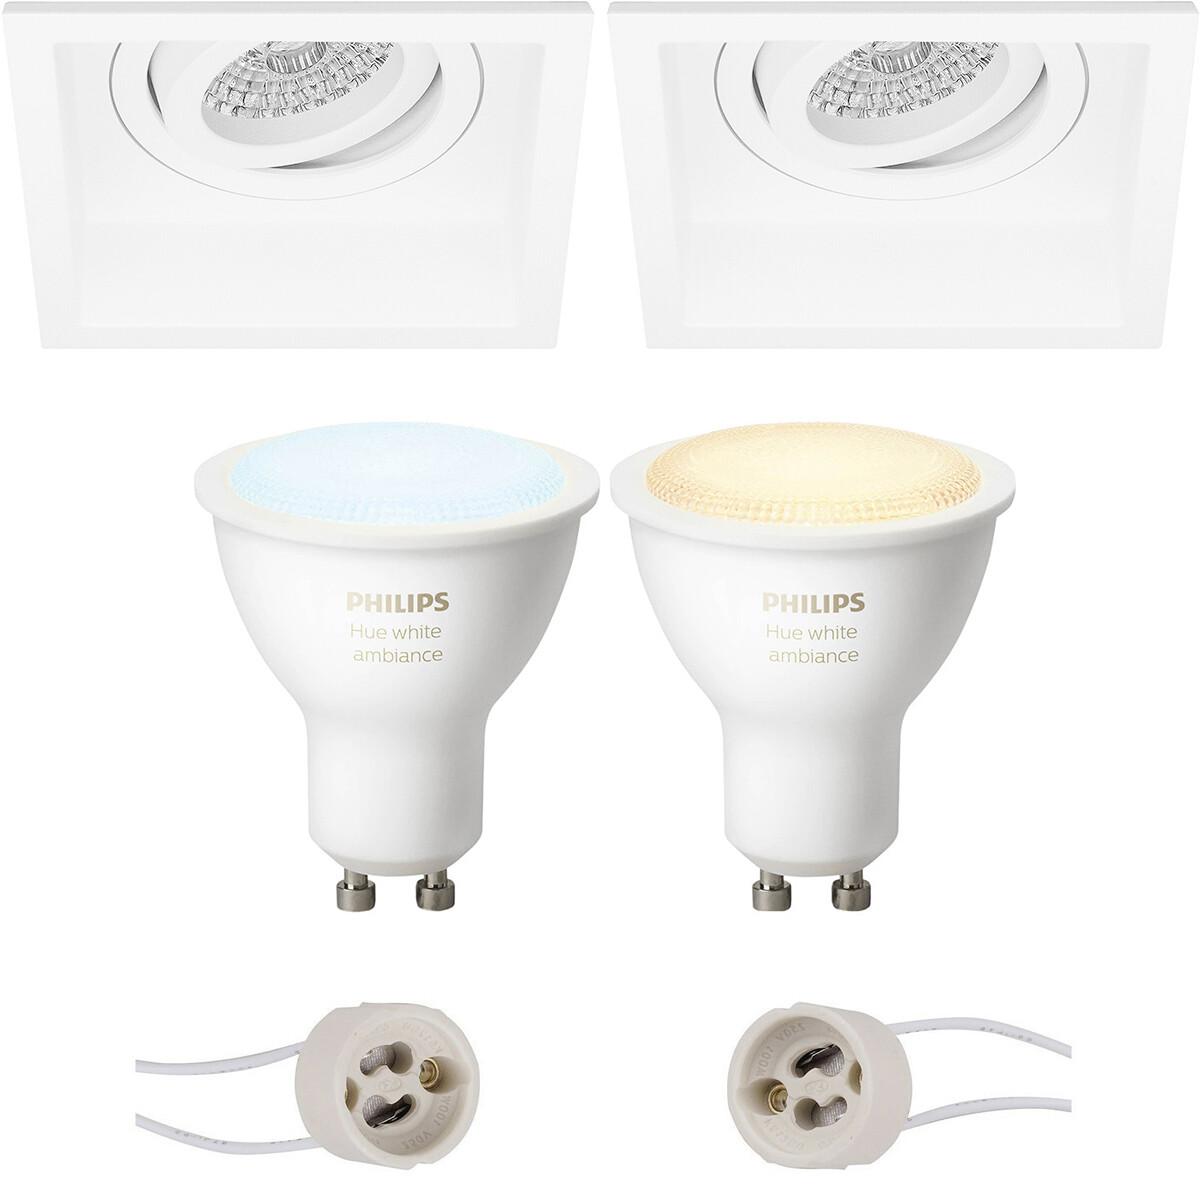 Pragmi Domy Pro - Inbouw Vierkant - Mat Wit - Verdiept - Kantelbaar - 105mm - Philips Hue - LED Spot